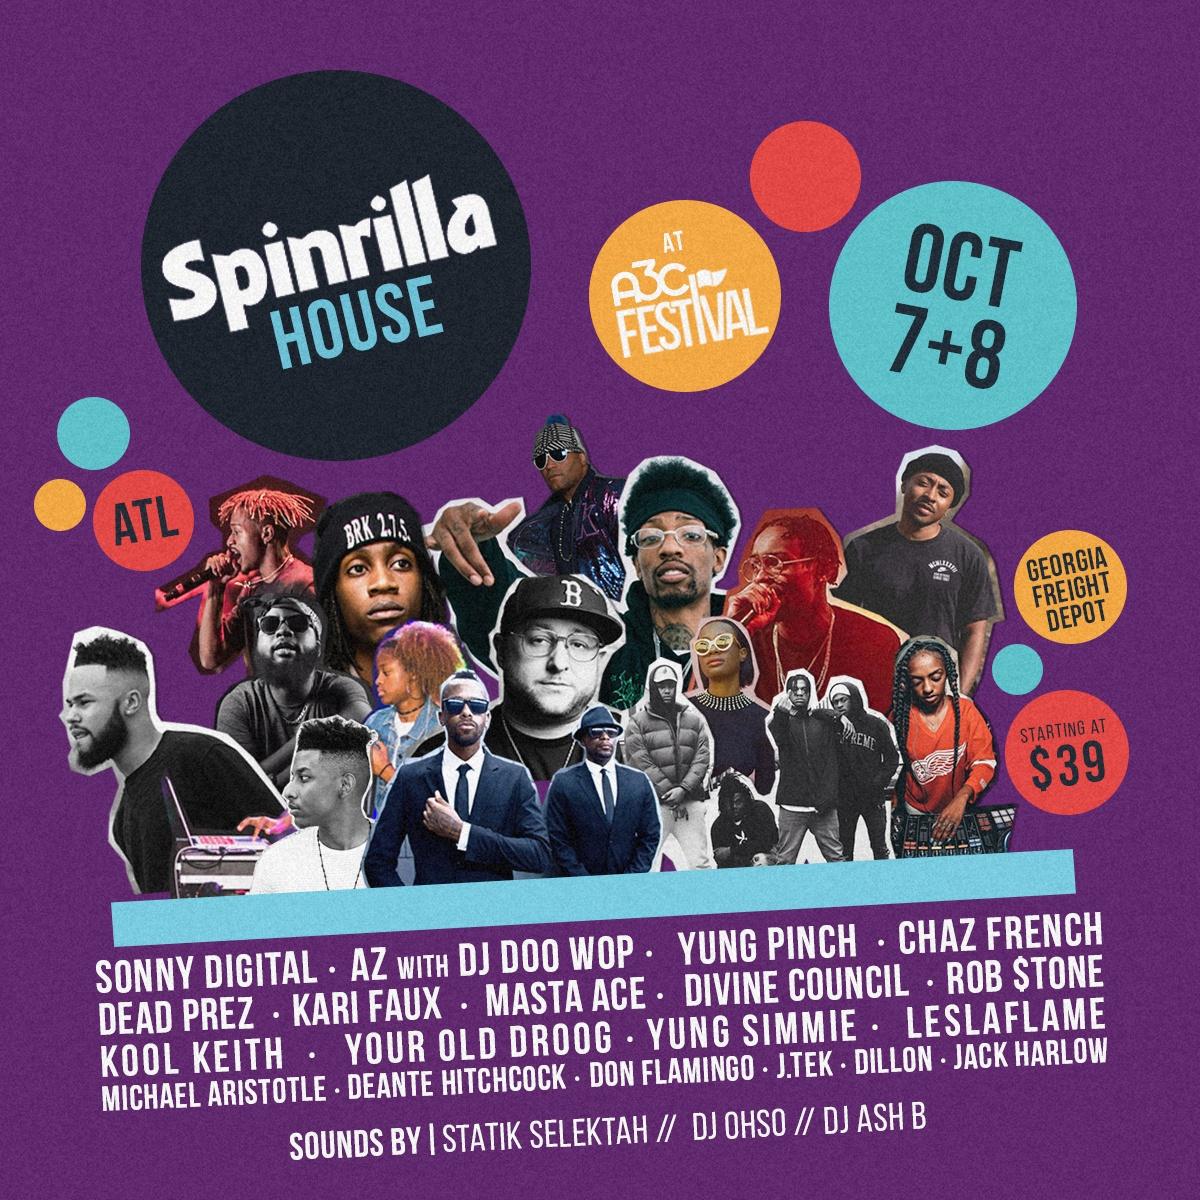 spinrilla-Artist-Announcement (2).jpg